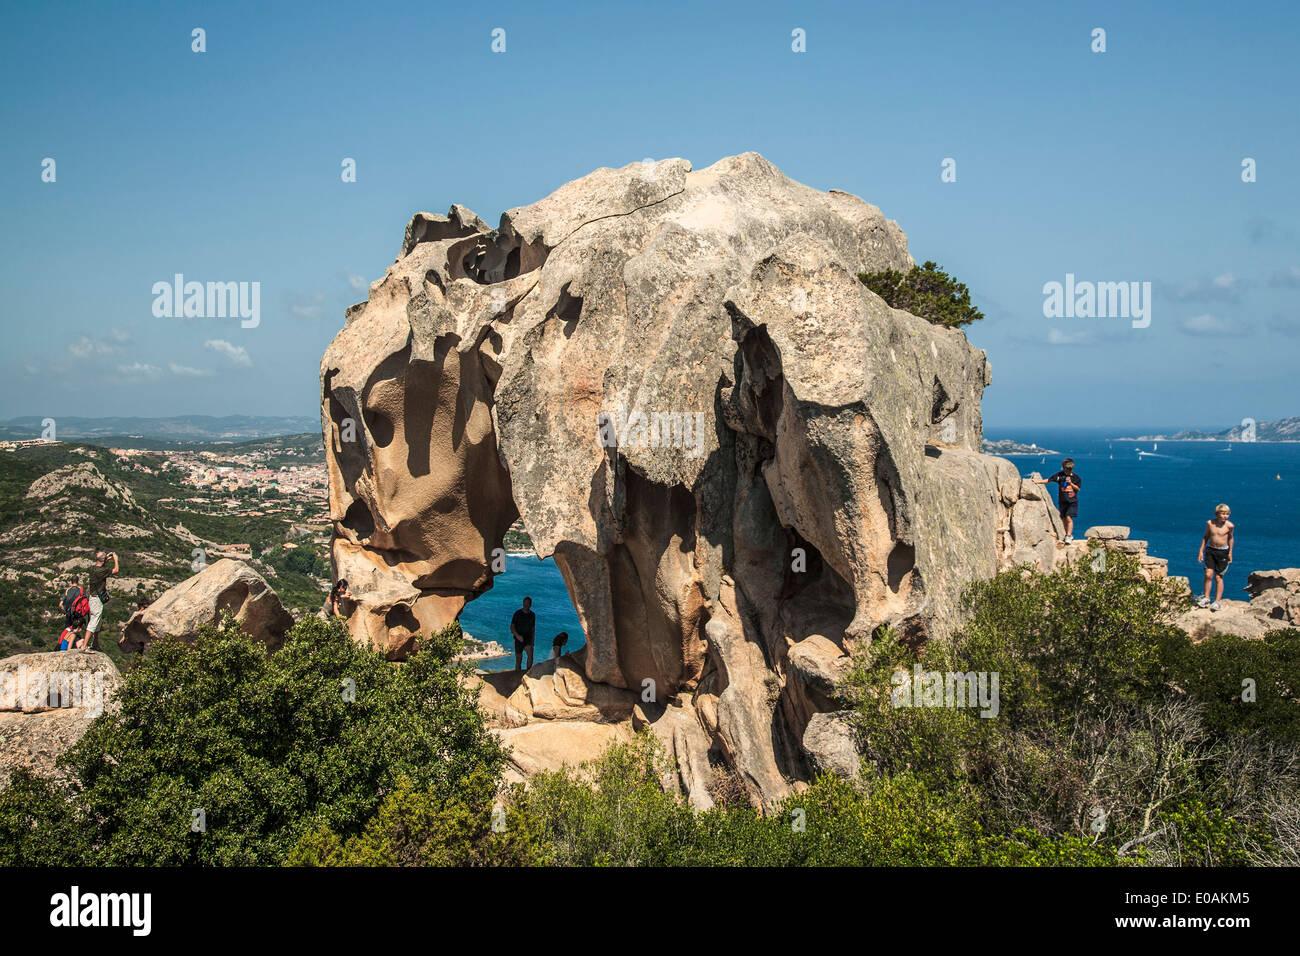 Boccia dell Elefante Elephant rock near Palau, Italy, Sardinia Stock Photo